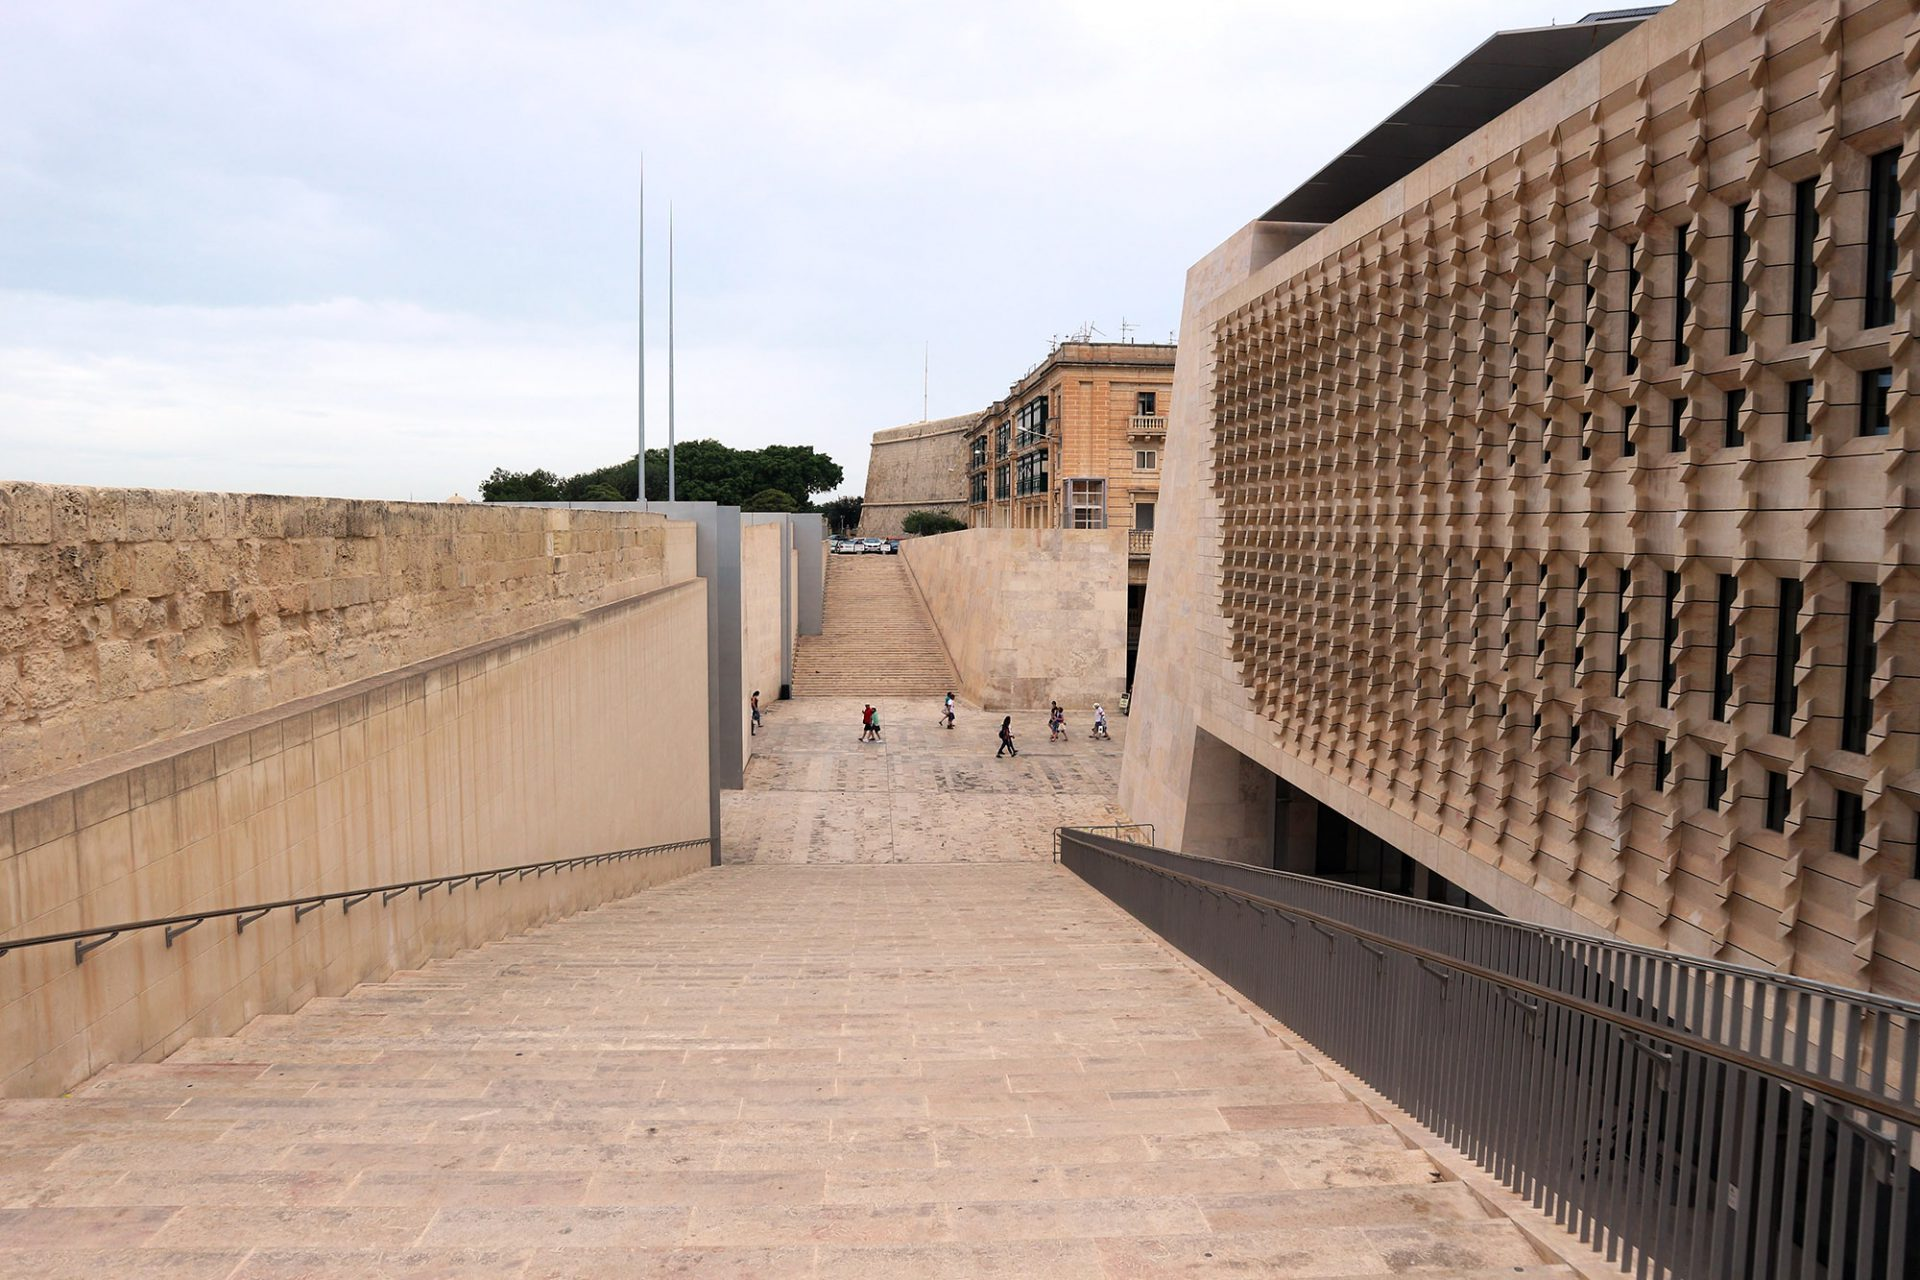 Luftig.  Zu beiden Seiten des neuen Stadttores führen breite Treppenanlagen auf die Bastionen.